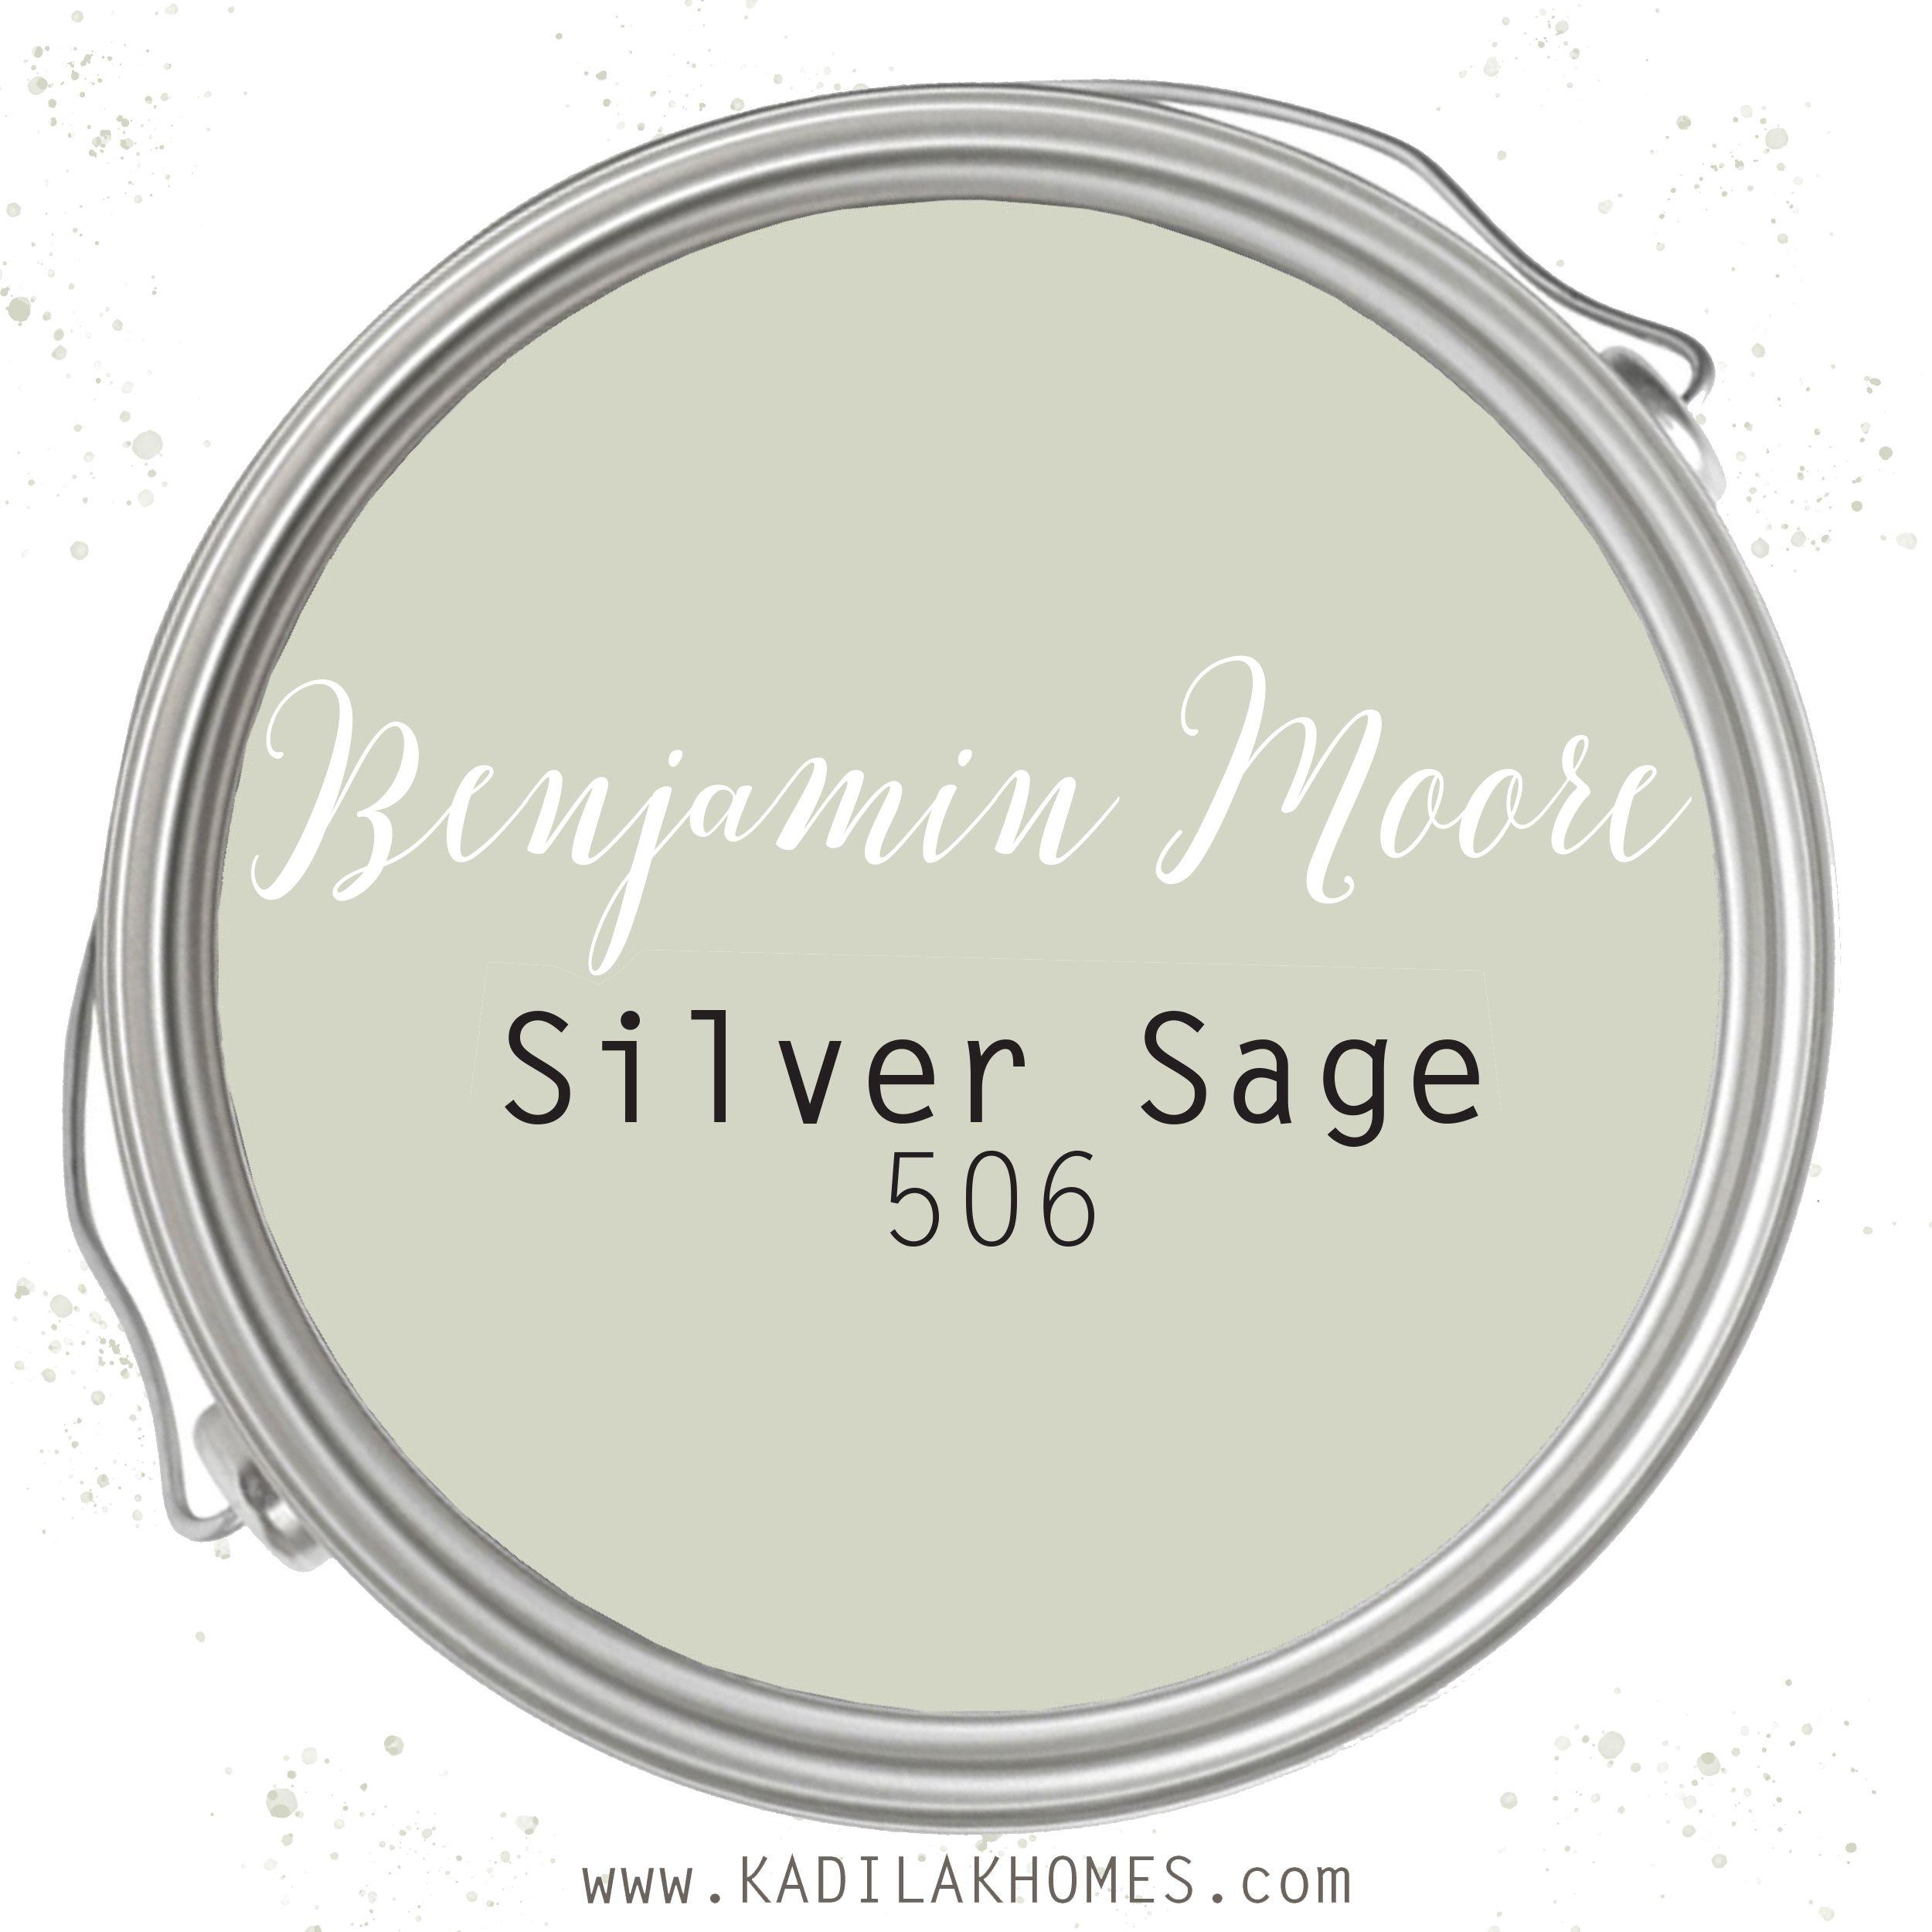 Silver Sage by Benjamin Moore